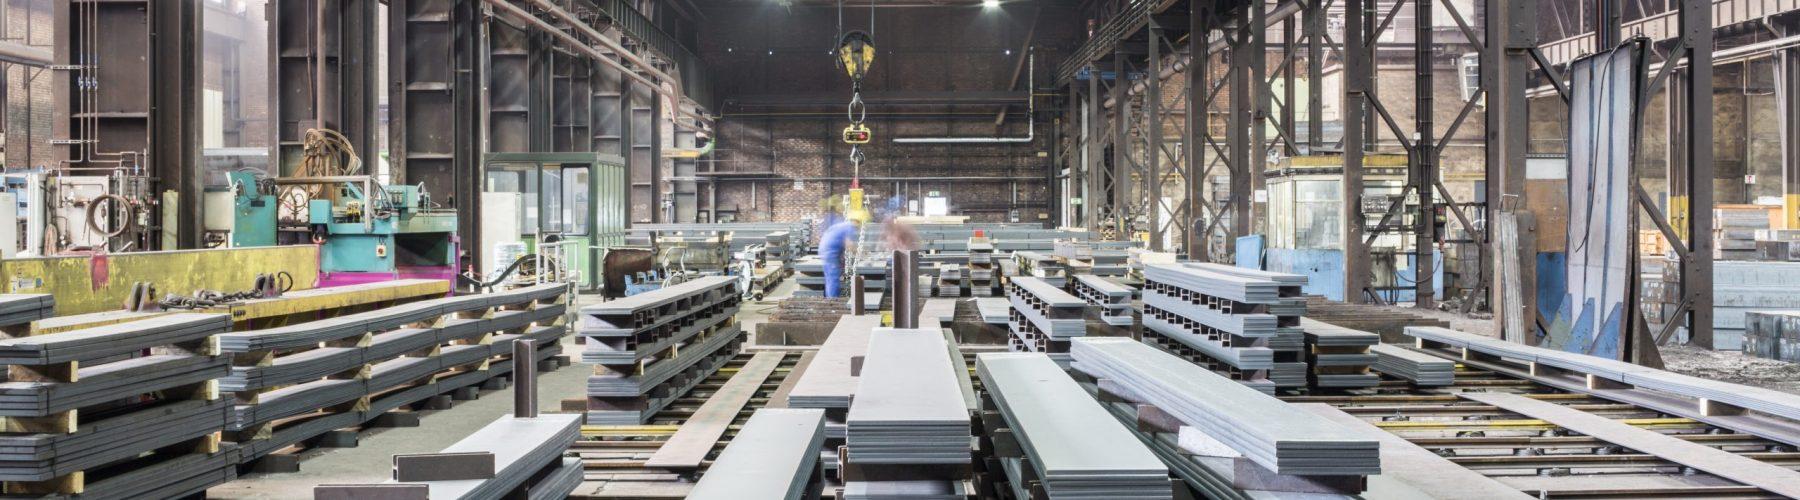 energiemanagement-produktion-warmwalzwerk-koenigswinter